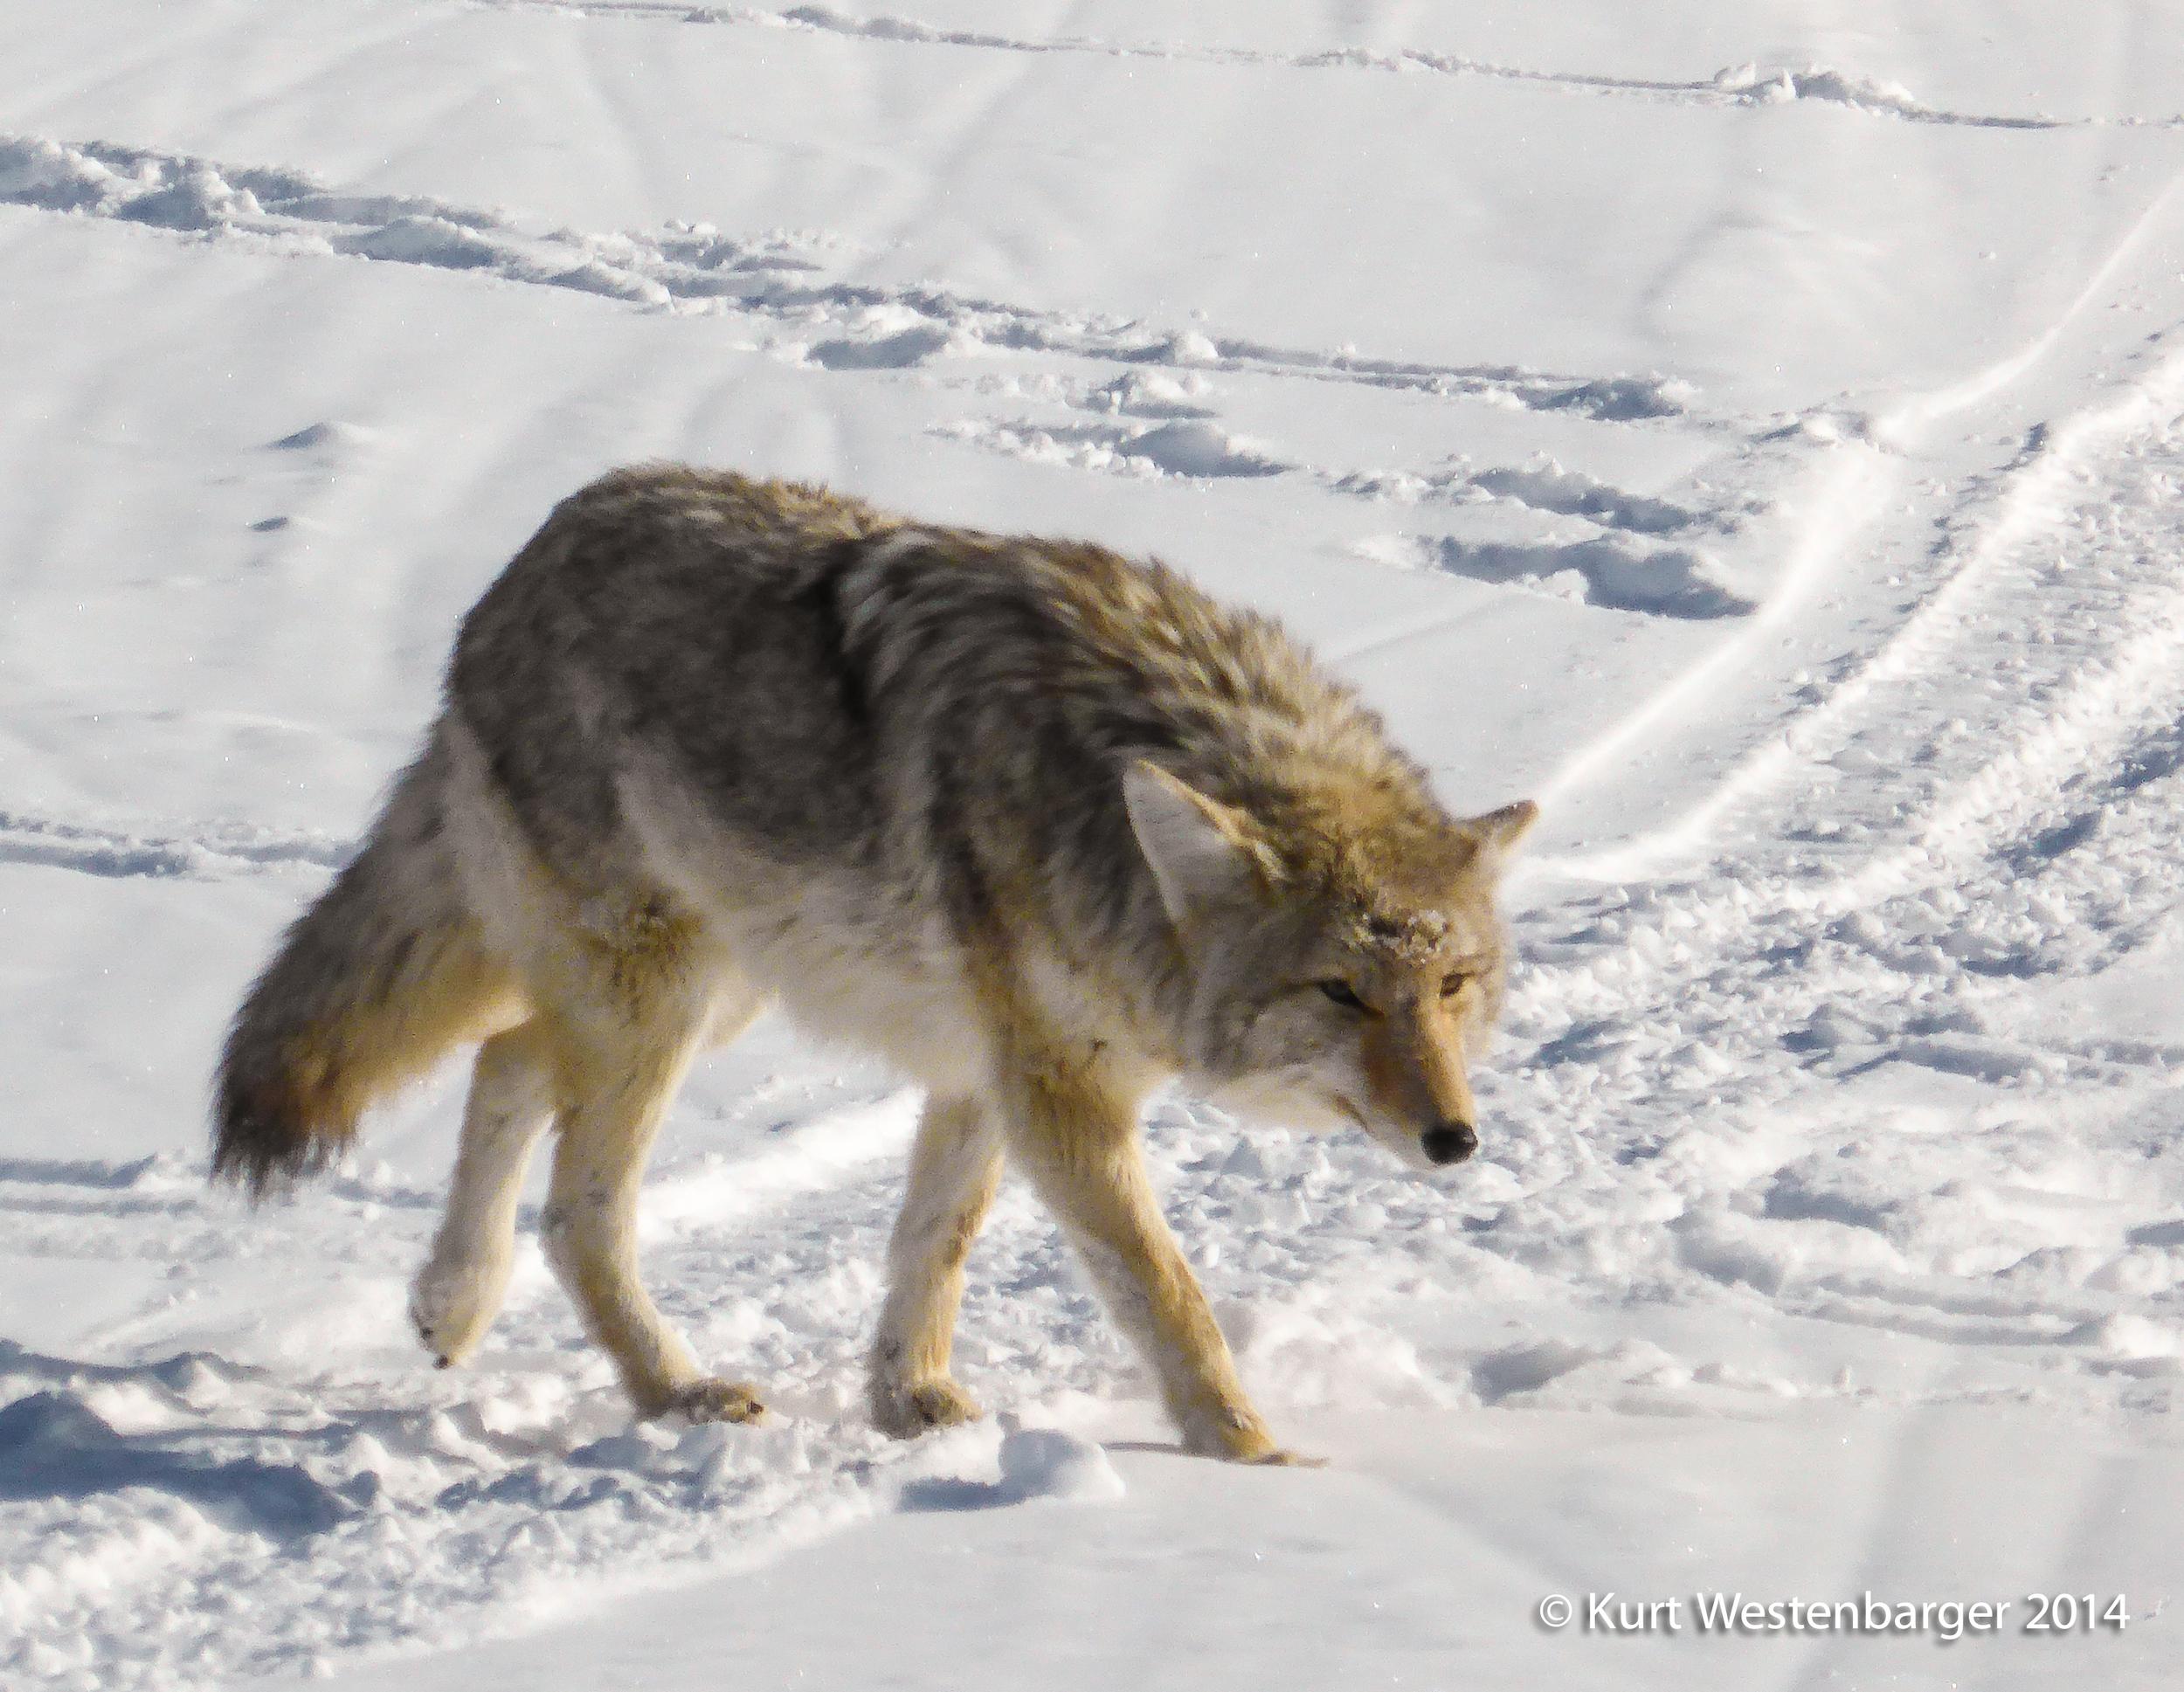 140204_Yellowstone_159.jpg